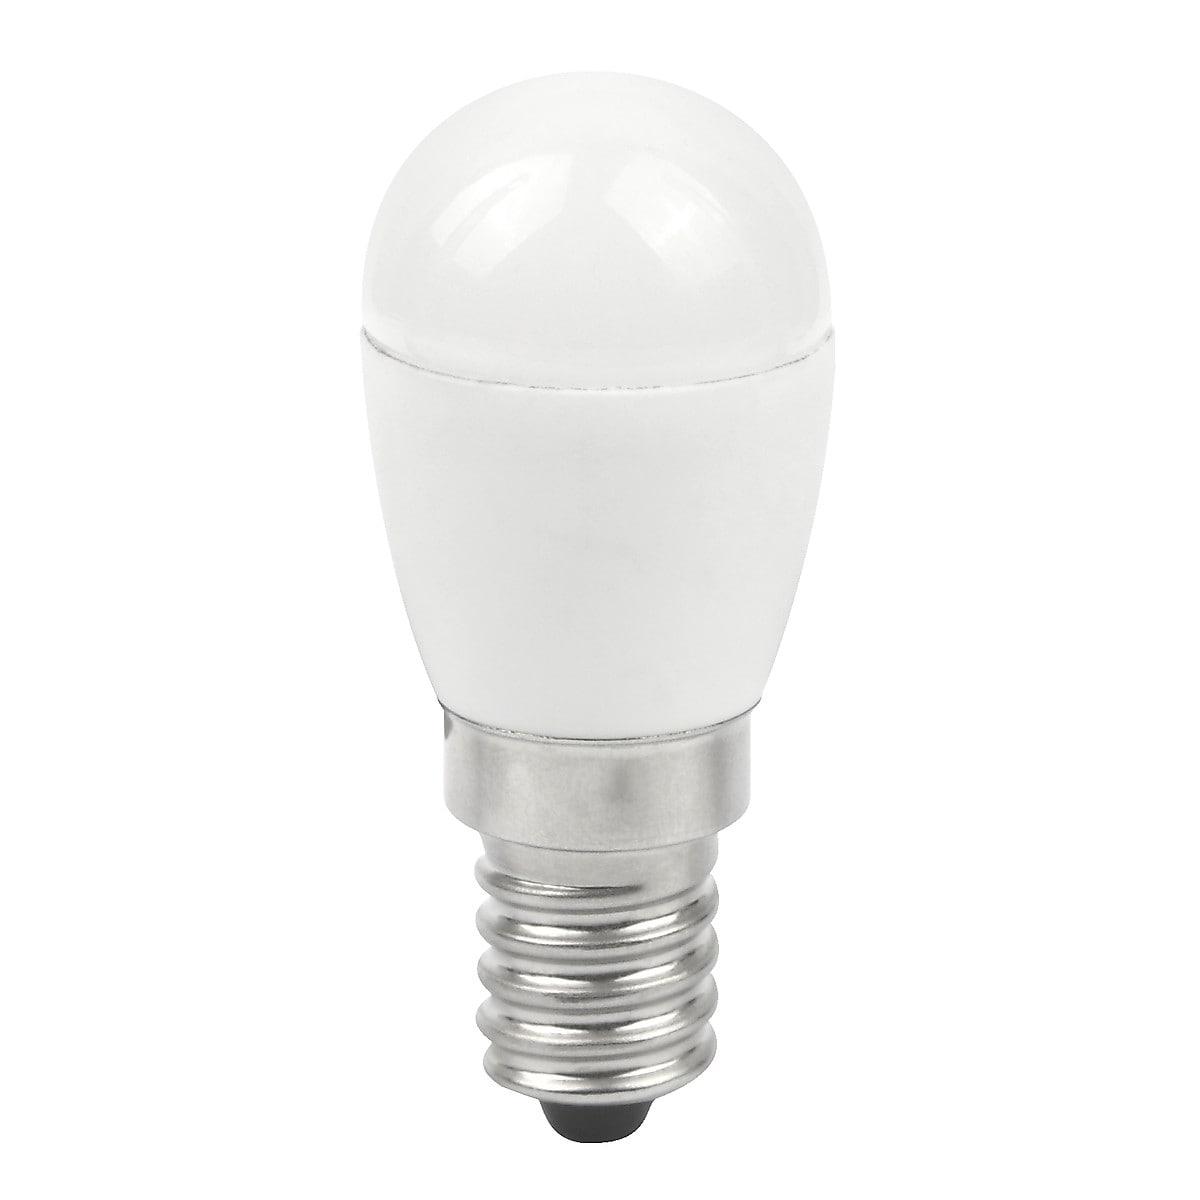 Lågvoltslampa E14 Northlight